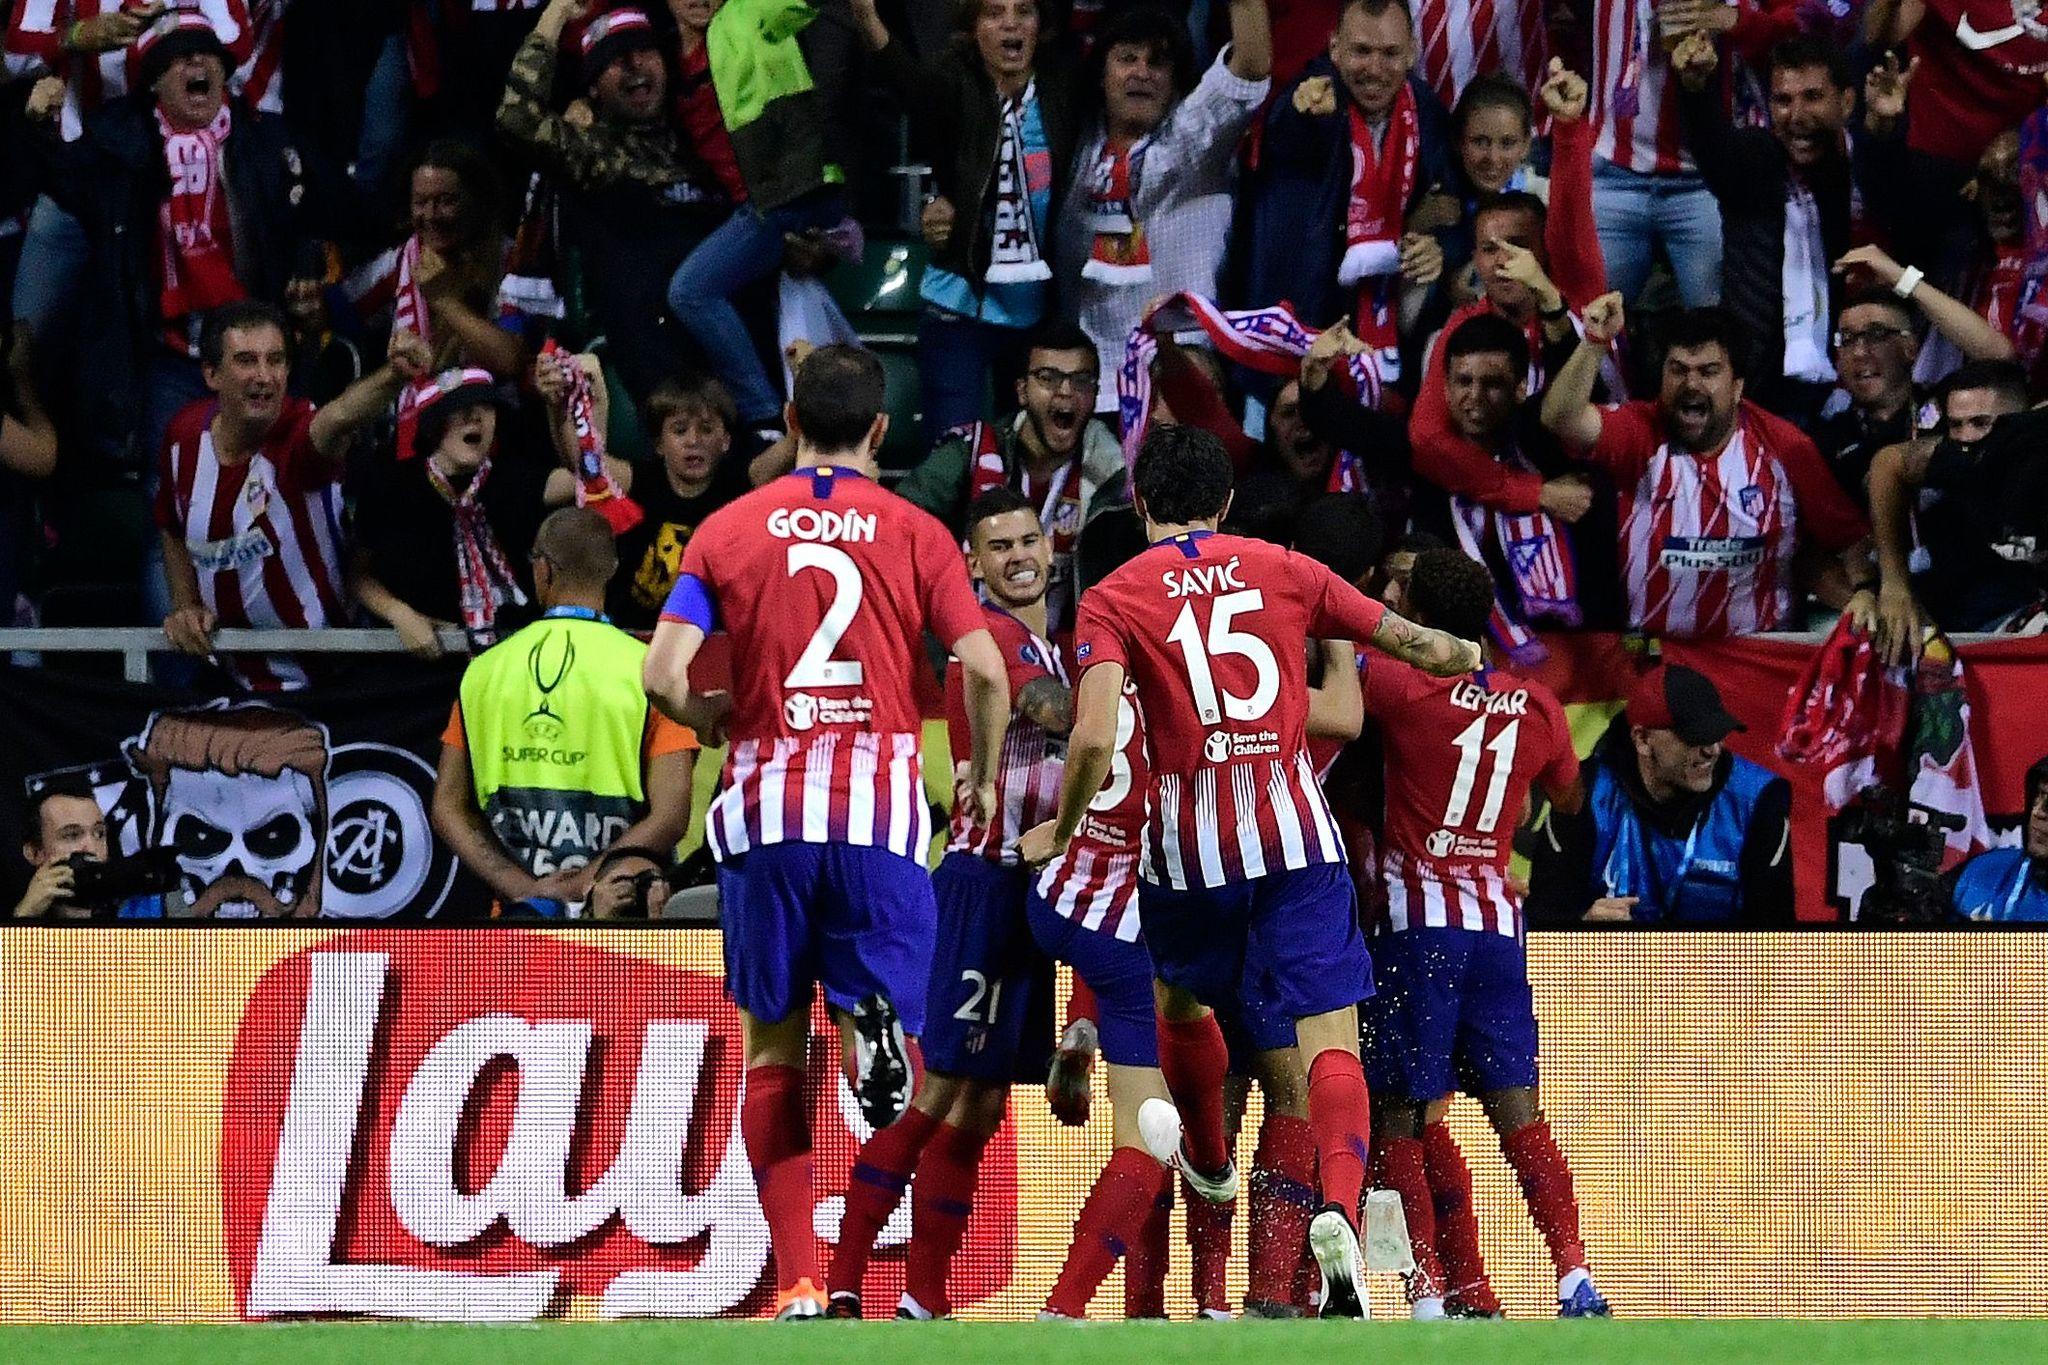 Los jugadores del Atlético se abrazan tras el gol de Diego Costa